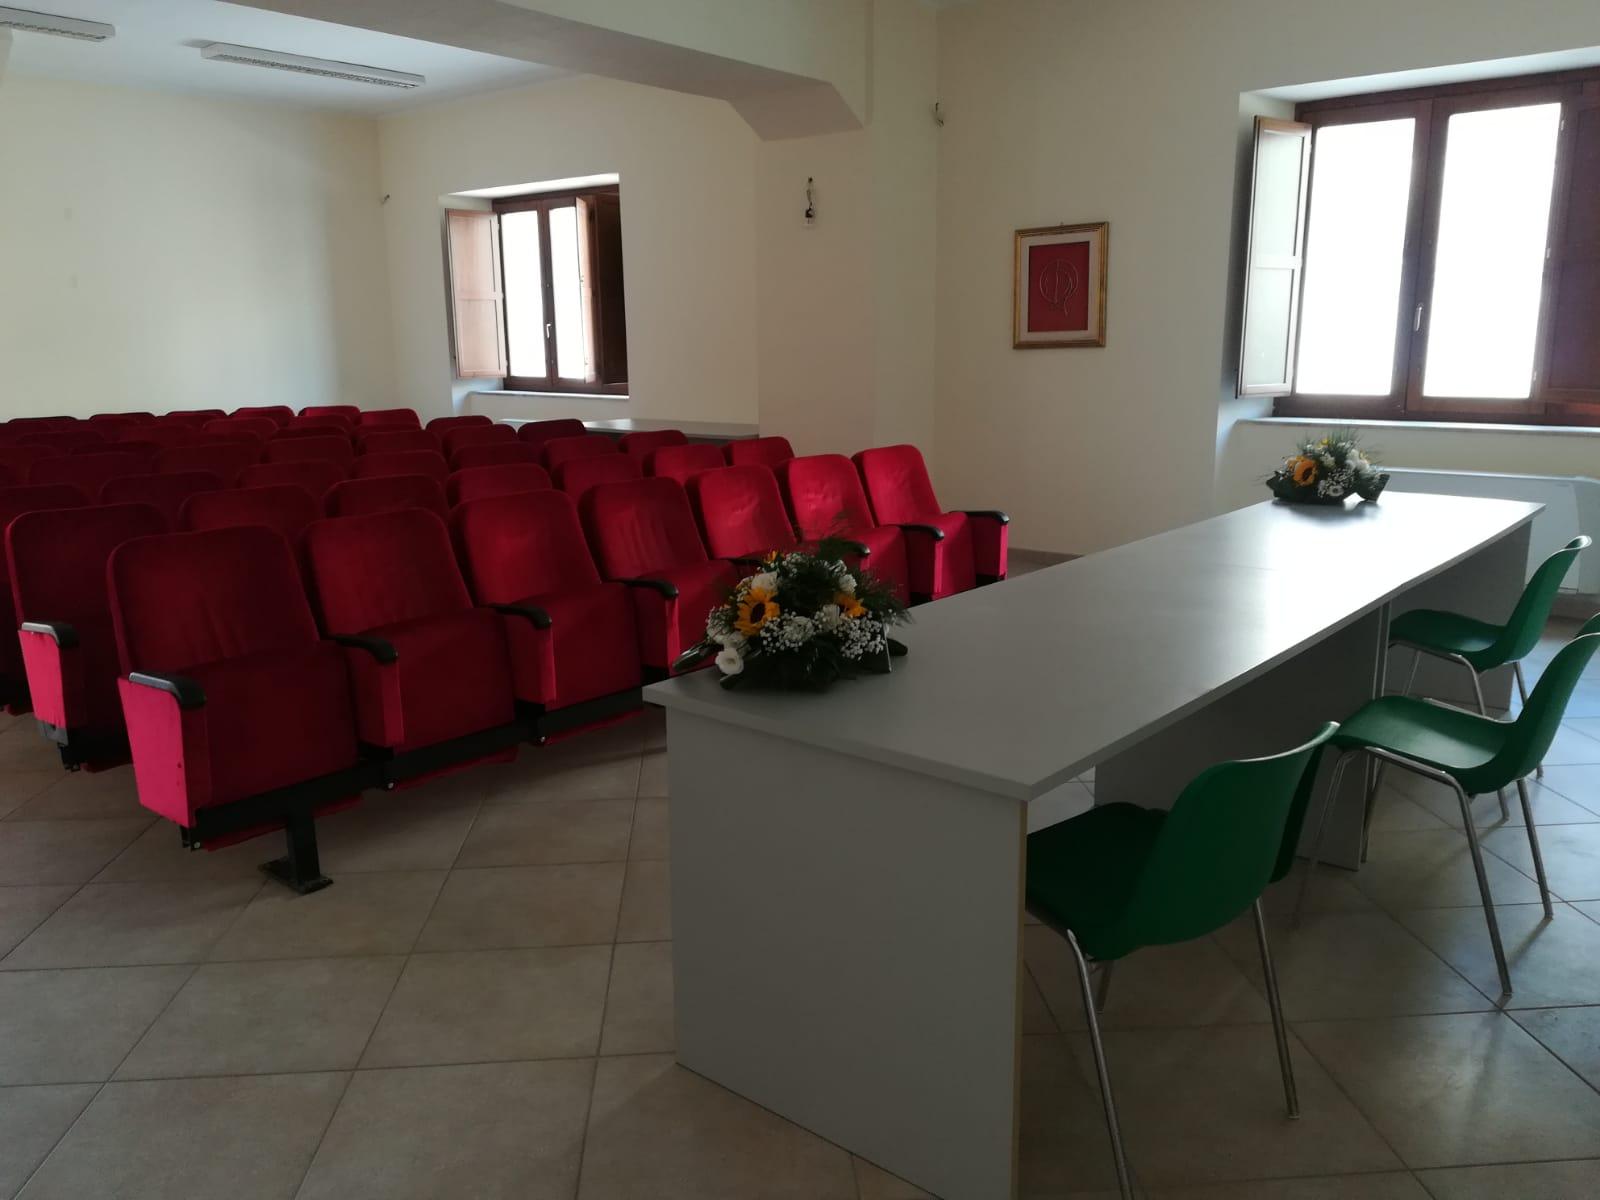 corsi formazione - San Tarcisio, aula